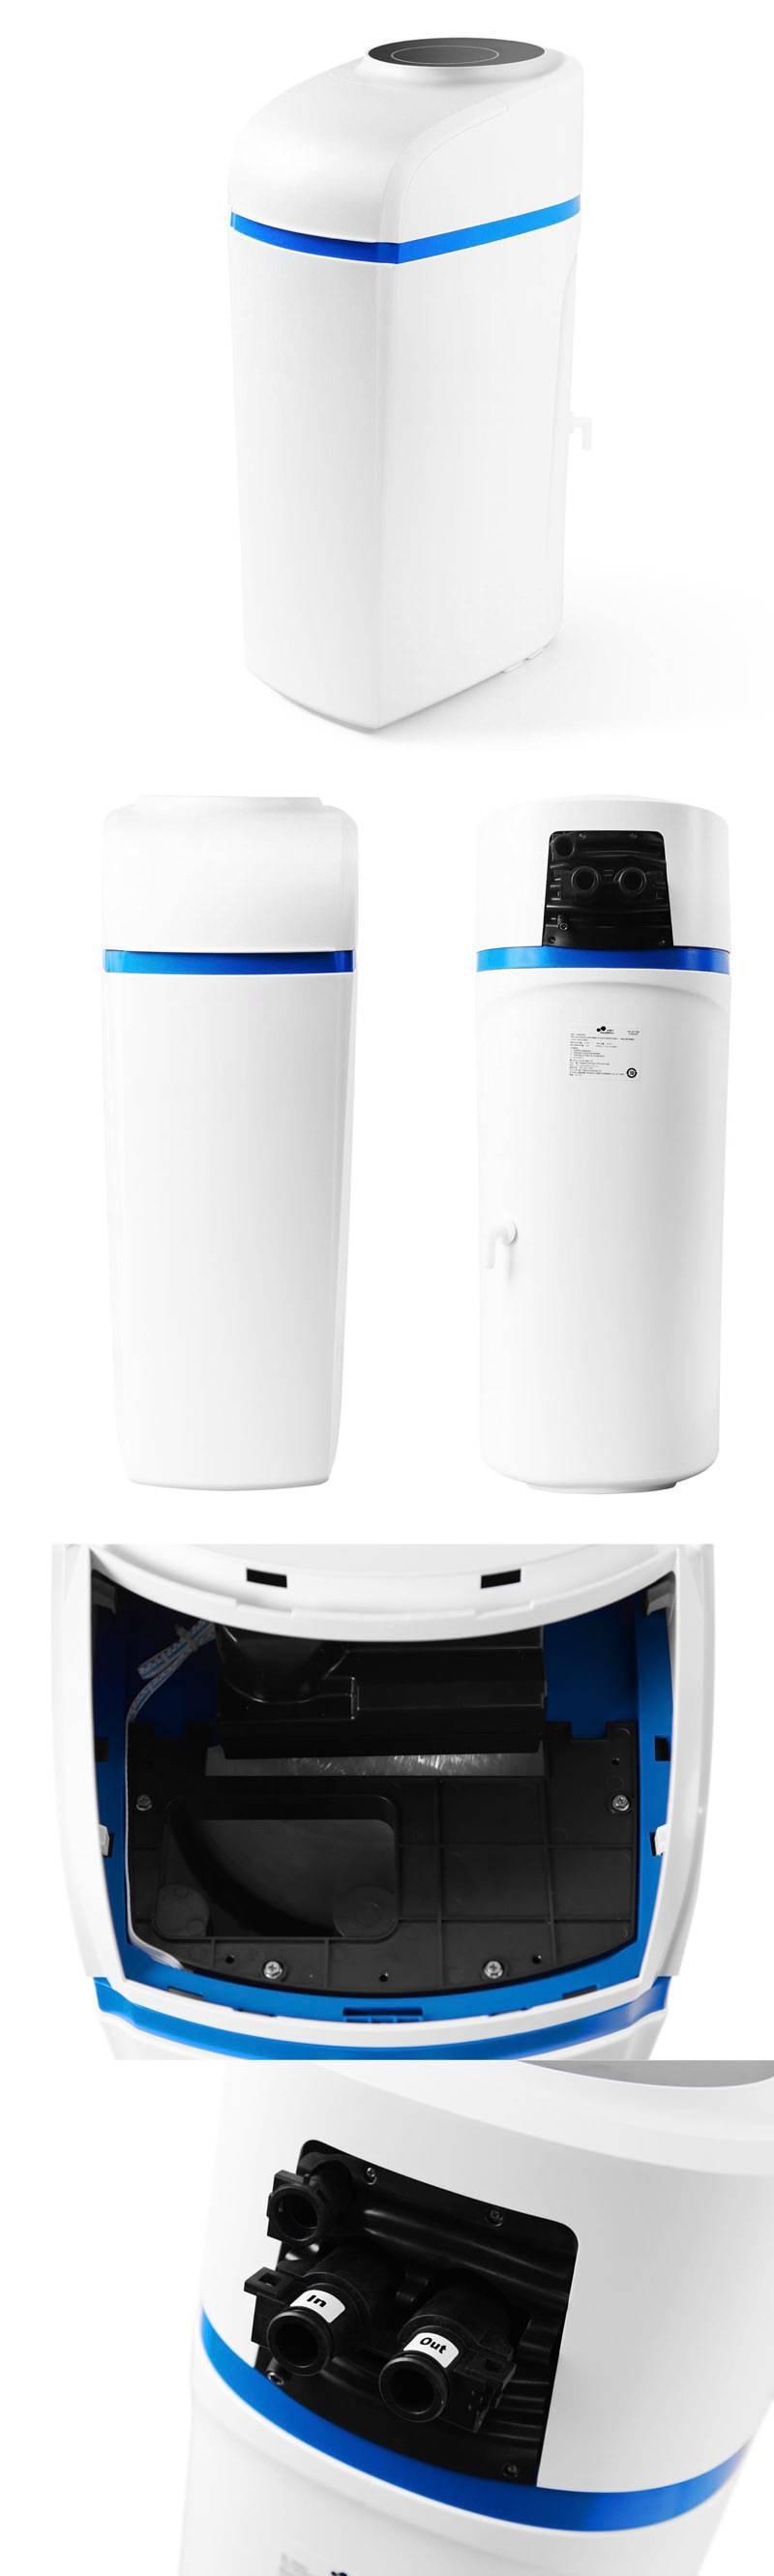 水鹿卫浴-厨房-净水器-国际品牌同厂同款中央软水机